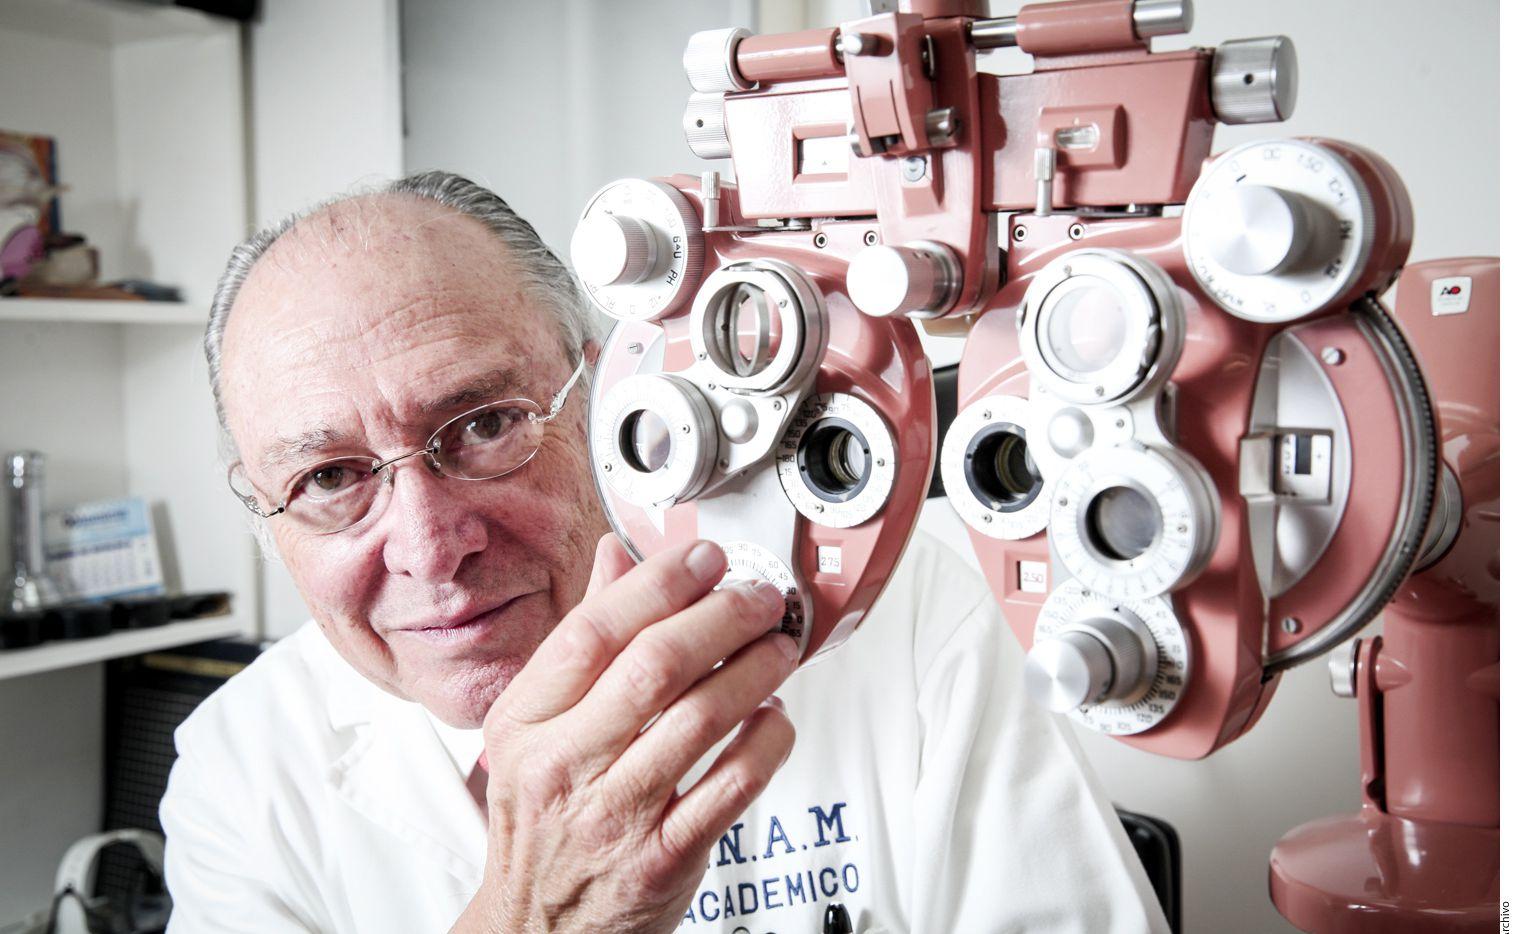 La mayor parte de las enfermedades que provocan discapacidad visual o ceguera se pueden prevenir o tratar fácilmente, por ello se recomienda que se acuda al oftalmólogo para un chequeo general mínimo una vez al año. (AGENCIA REFORMA)